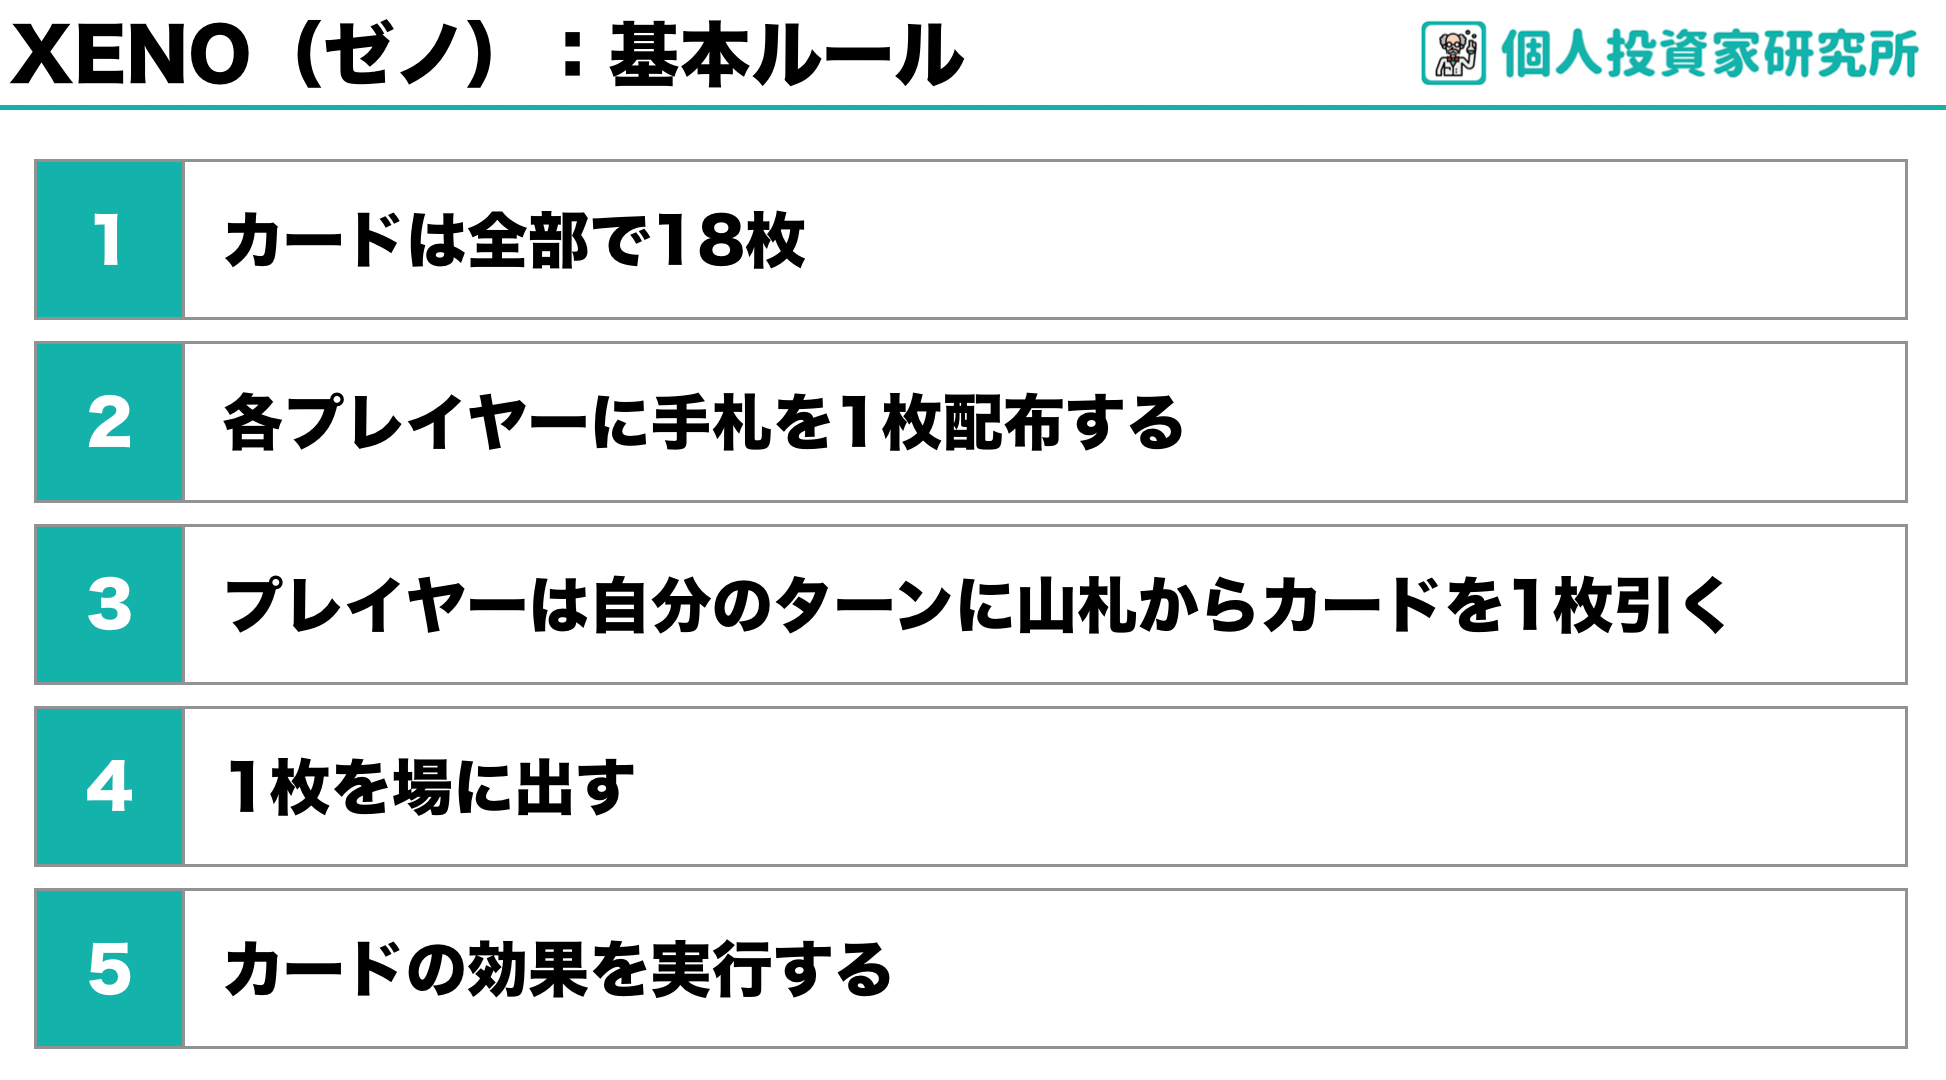 【ルール】中田敦彦さん考案のカードゲーム・XENO(ゼノ)1